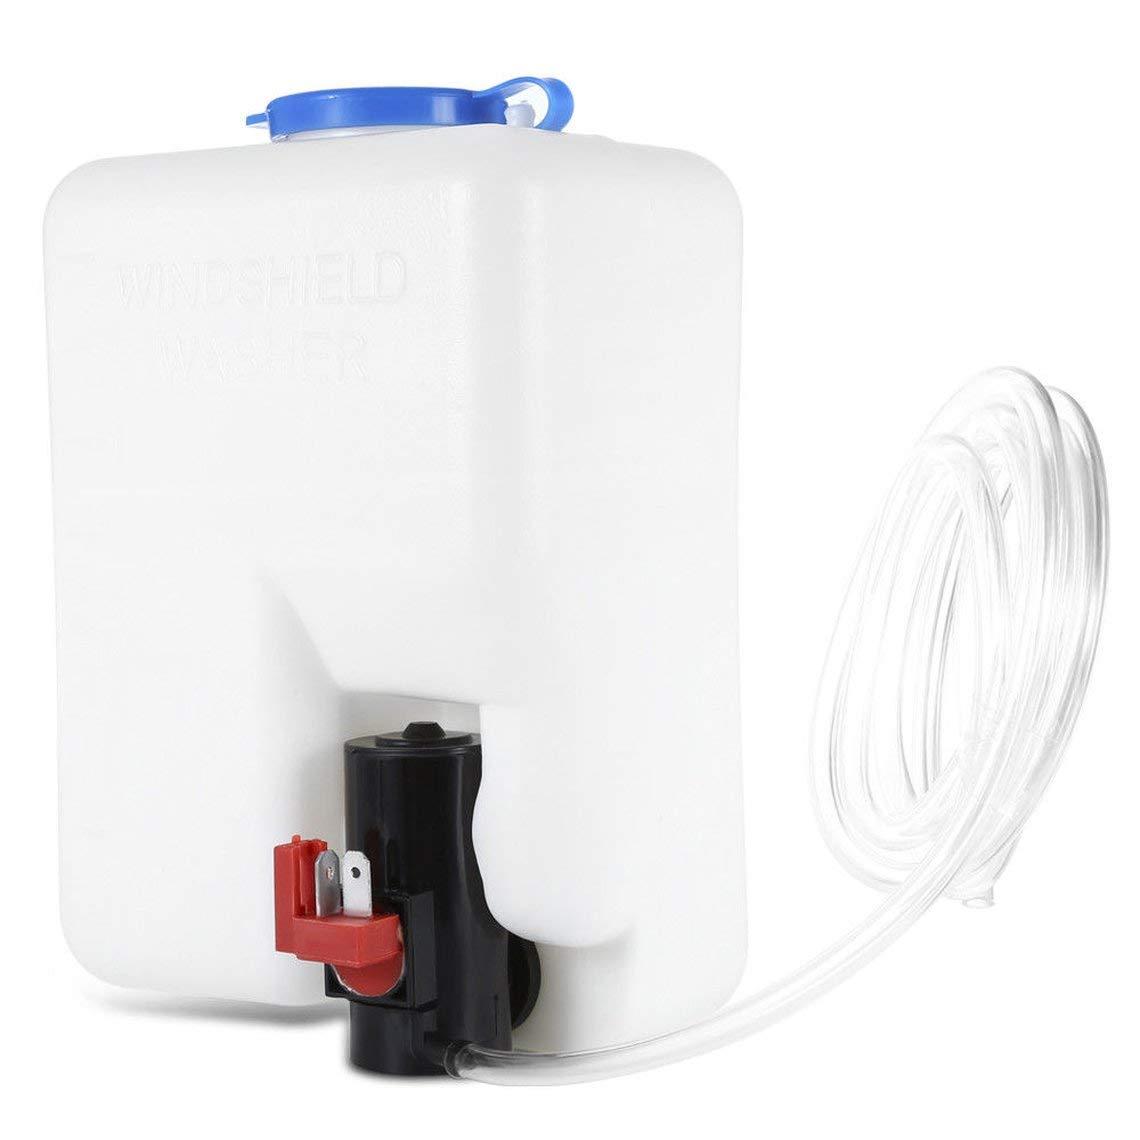 Zinniaya Tanque de lavado Bomba Kit de botella Sistemas de limpiaparabrisas universales Dep/ósito de calidad